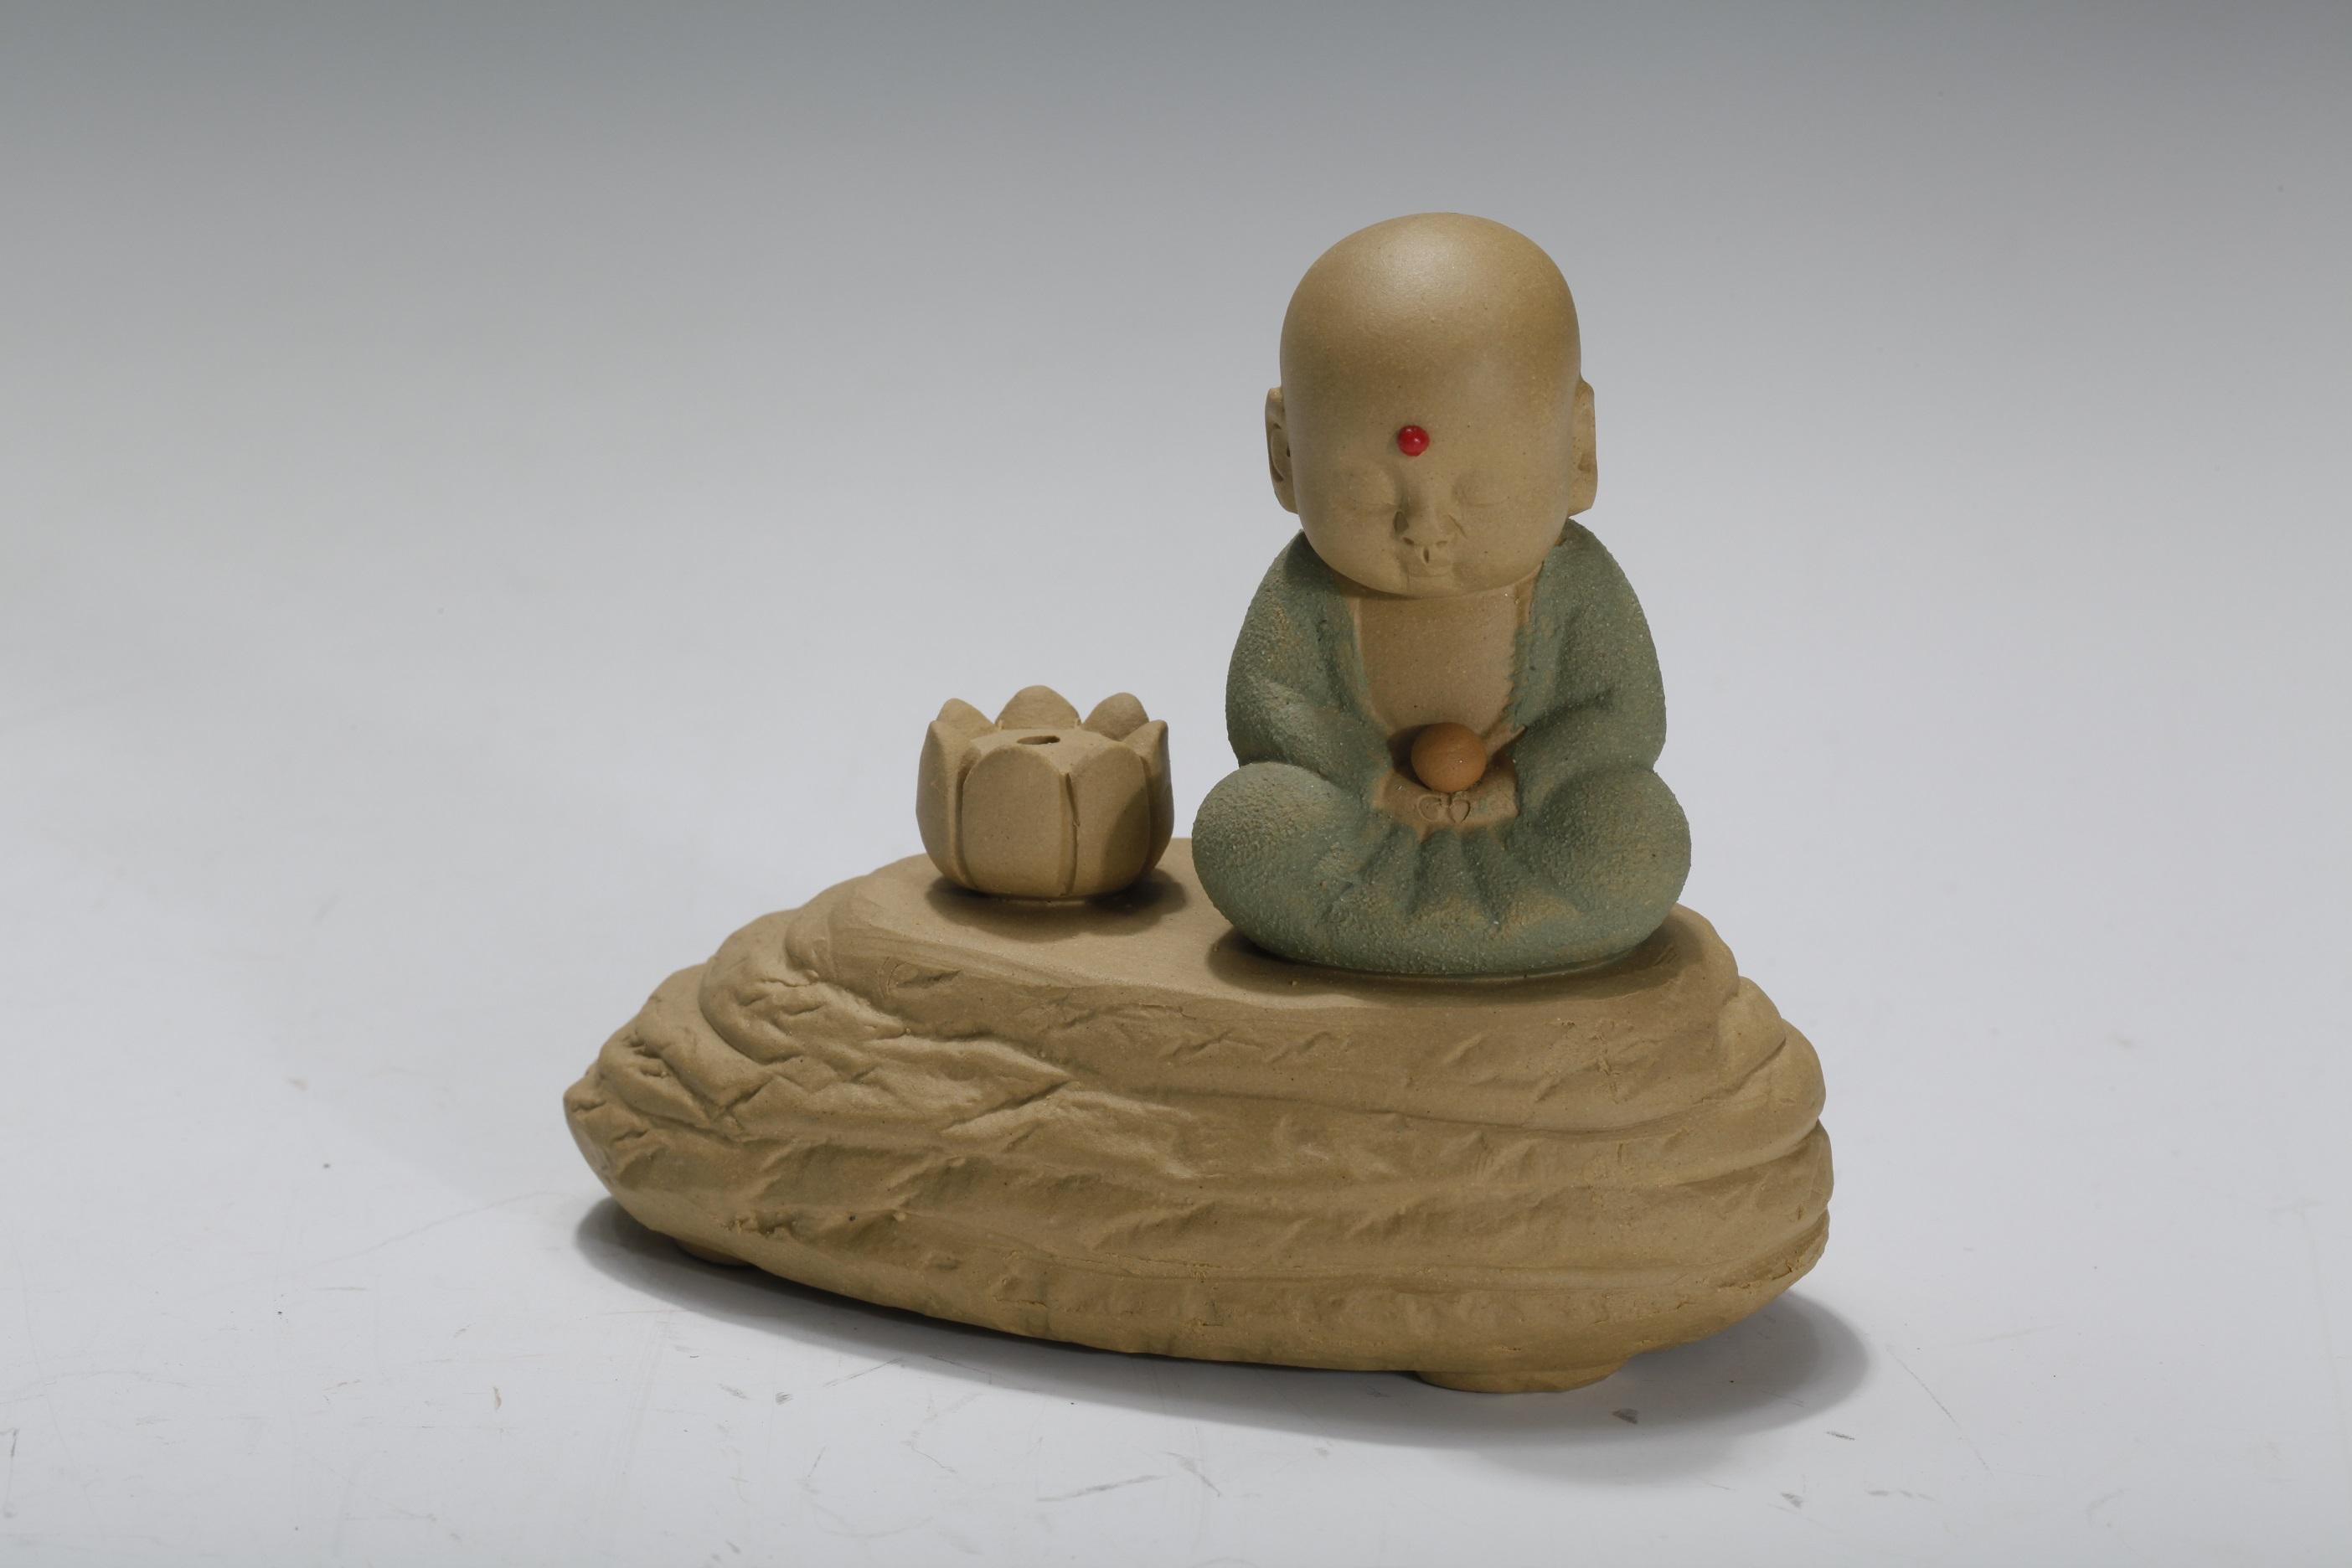 Xiao Xi He Shang (Incense)